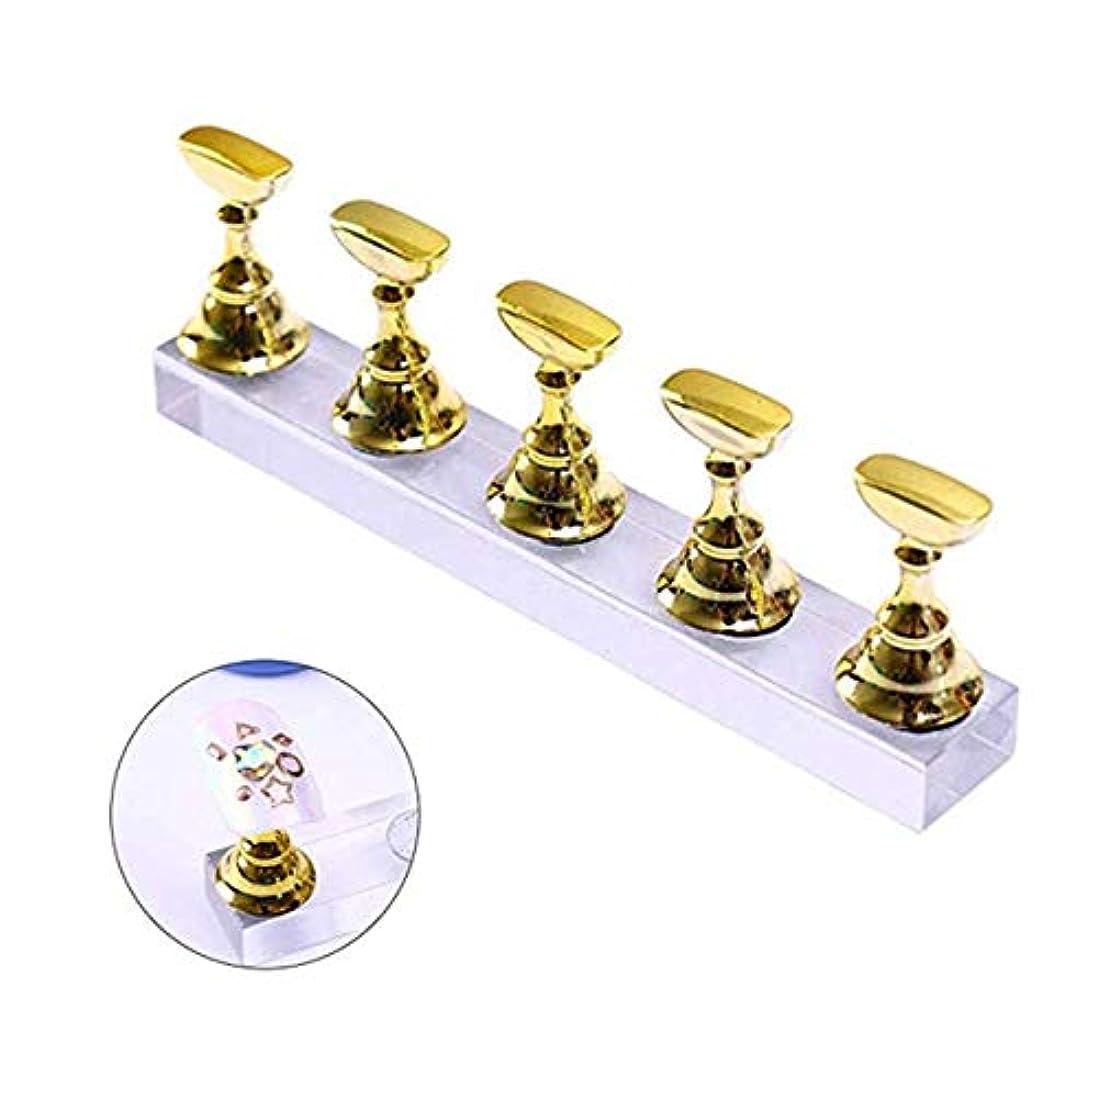 出撃者正確なハンサム磁気 アクリルマニキュア工具 ネイル練習 スタンド ハンドネイルエクササイズペデスタル ネイル用品 ネイルチップディスプレイスタンド セット (ゴールド)